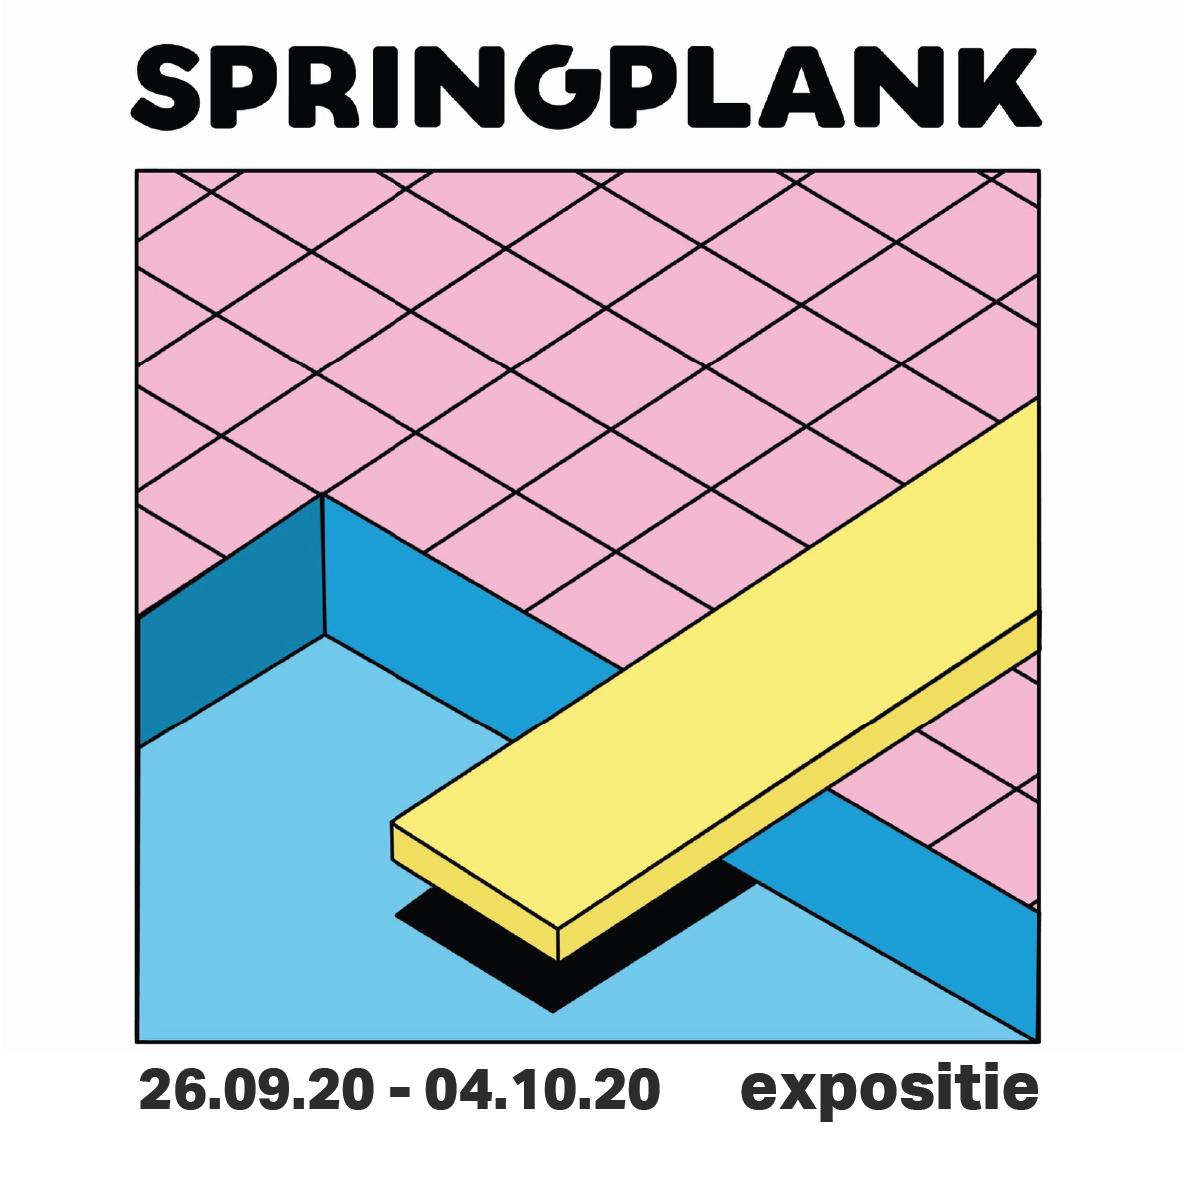 Springplank: een expositie door net afgestudeerde HKU studenten